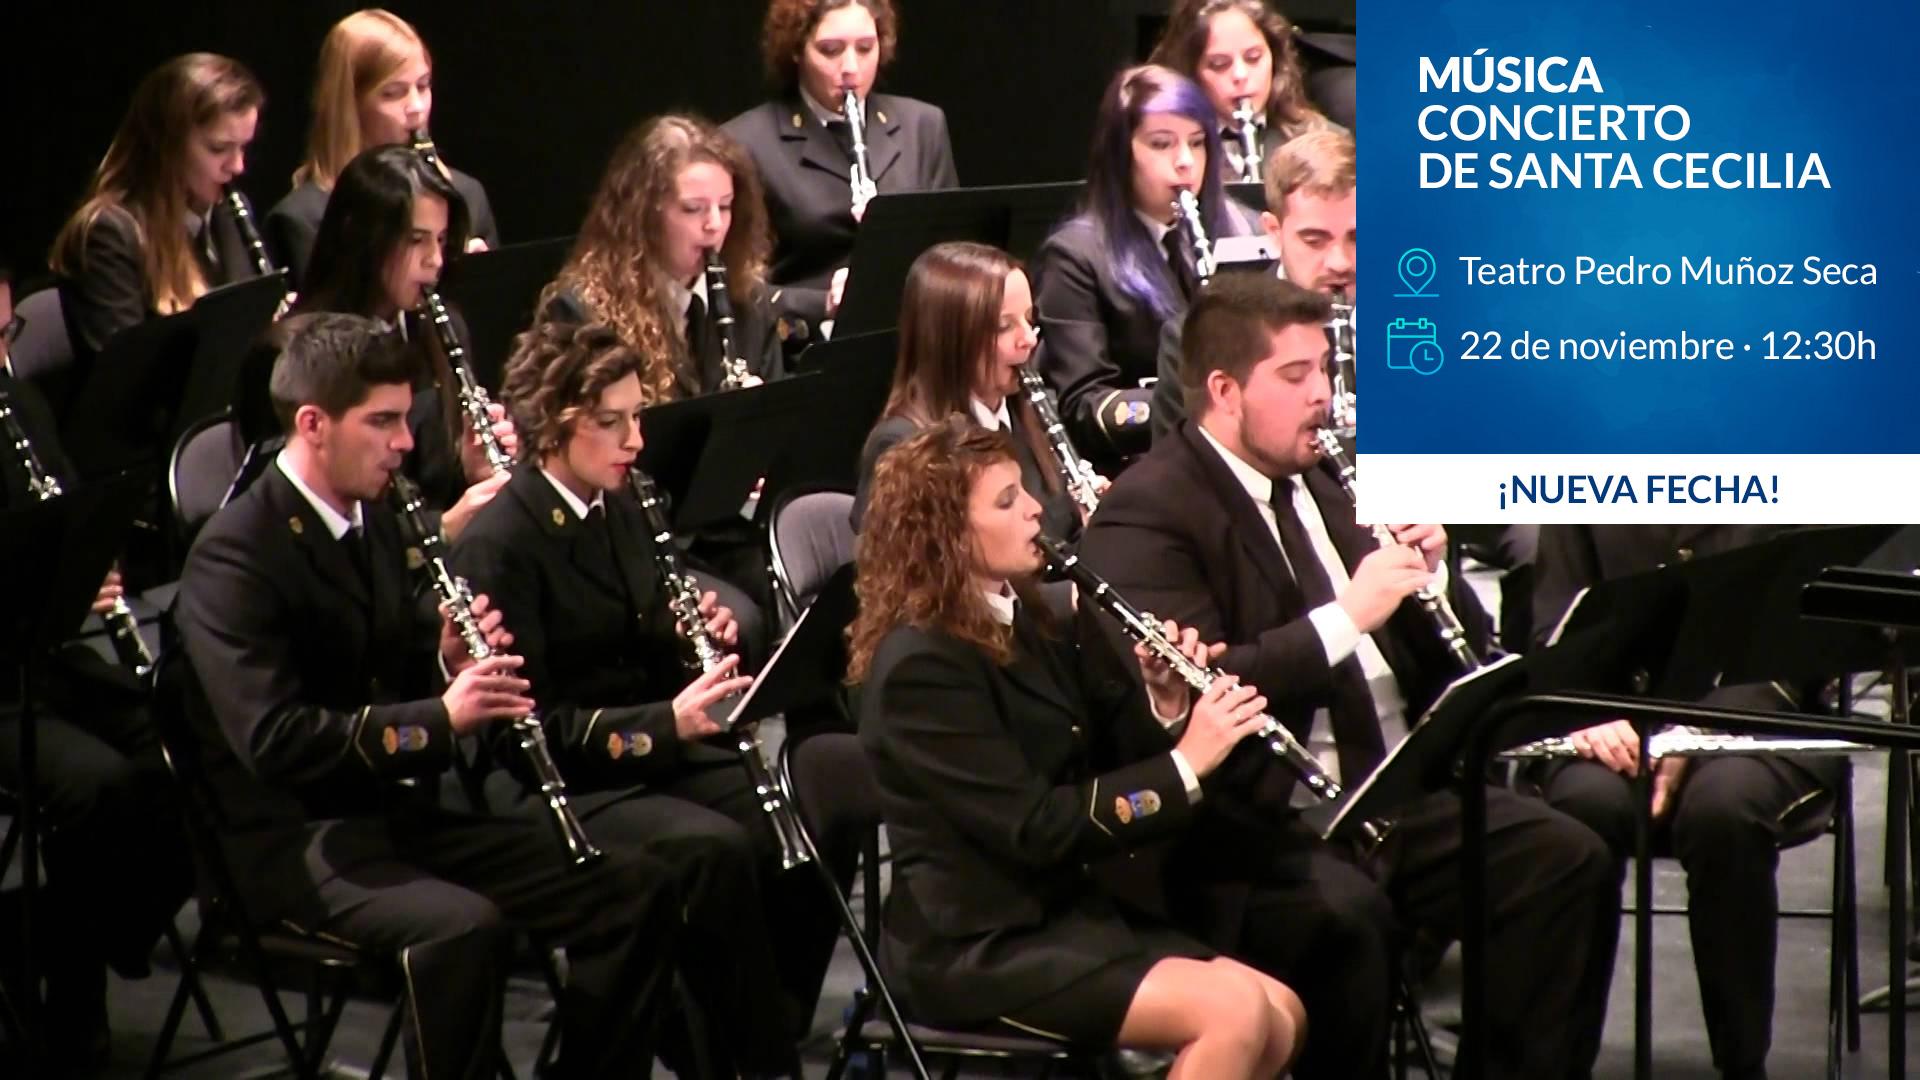 Música · Concierto de Santa Cecilia